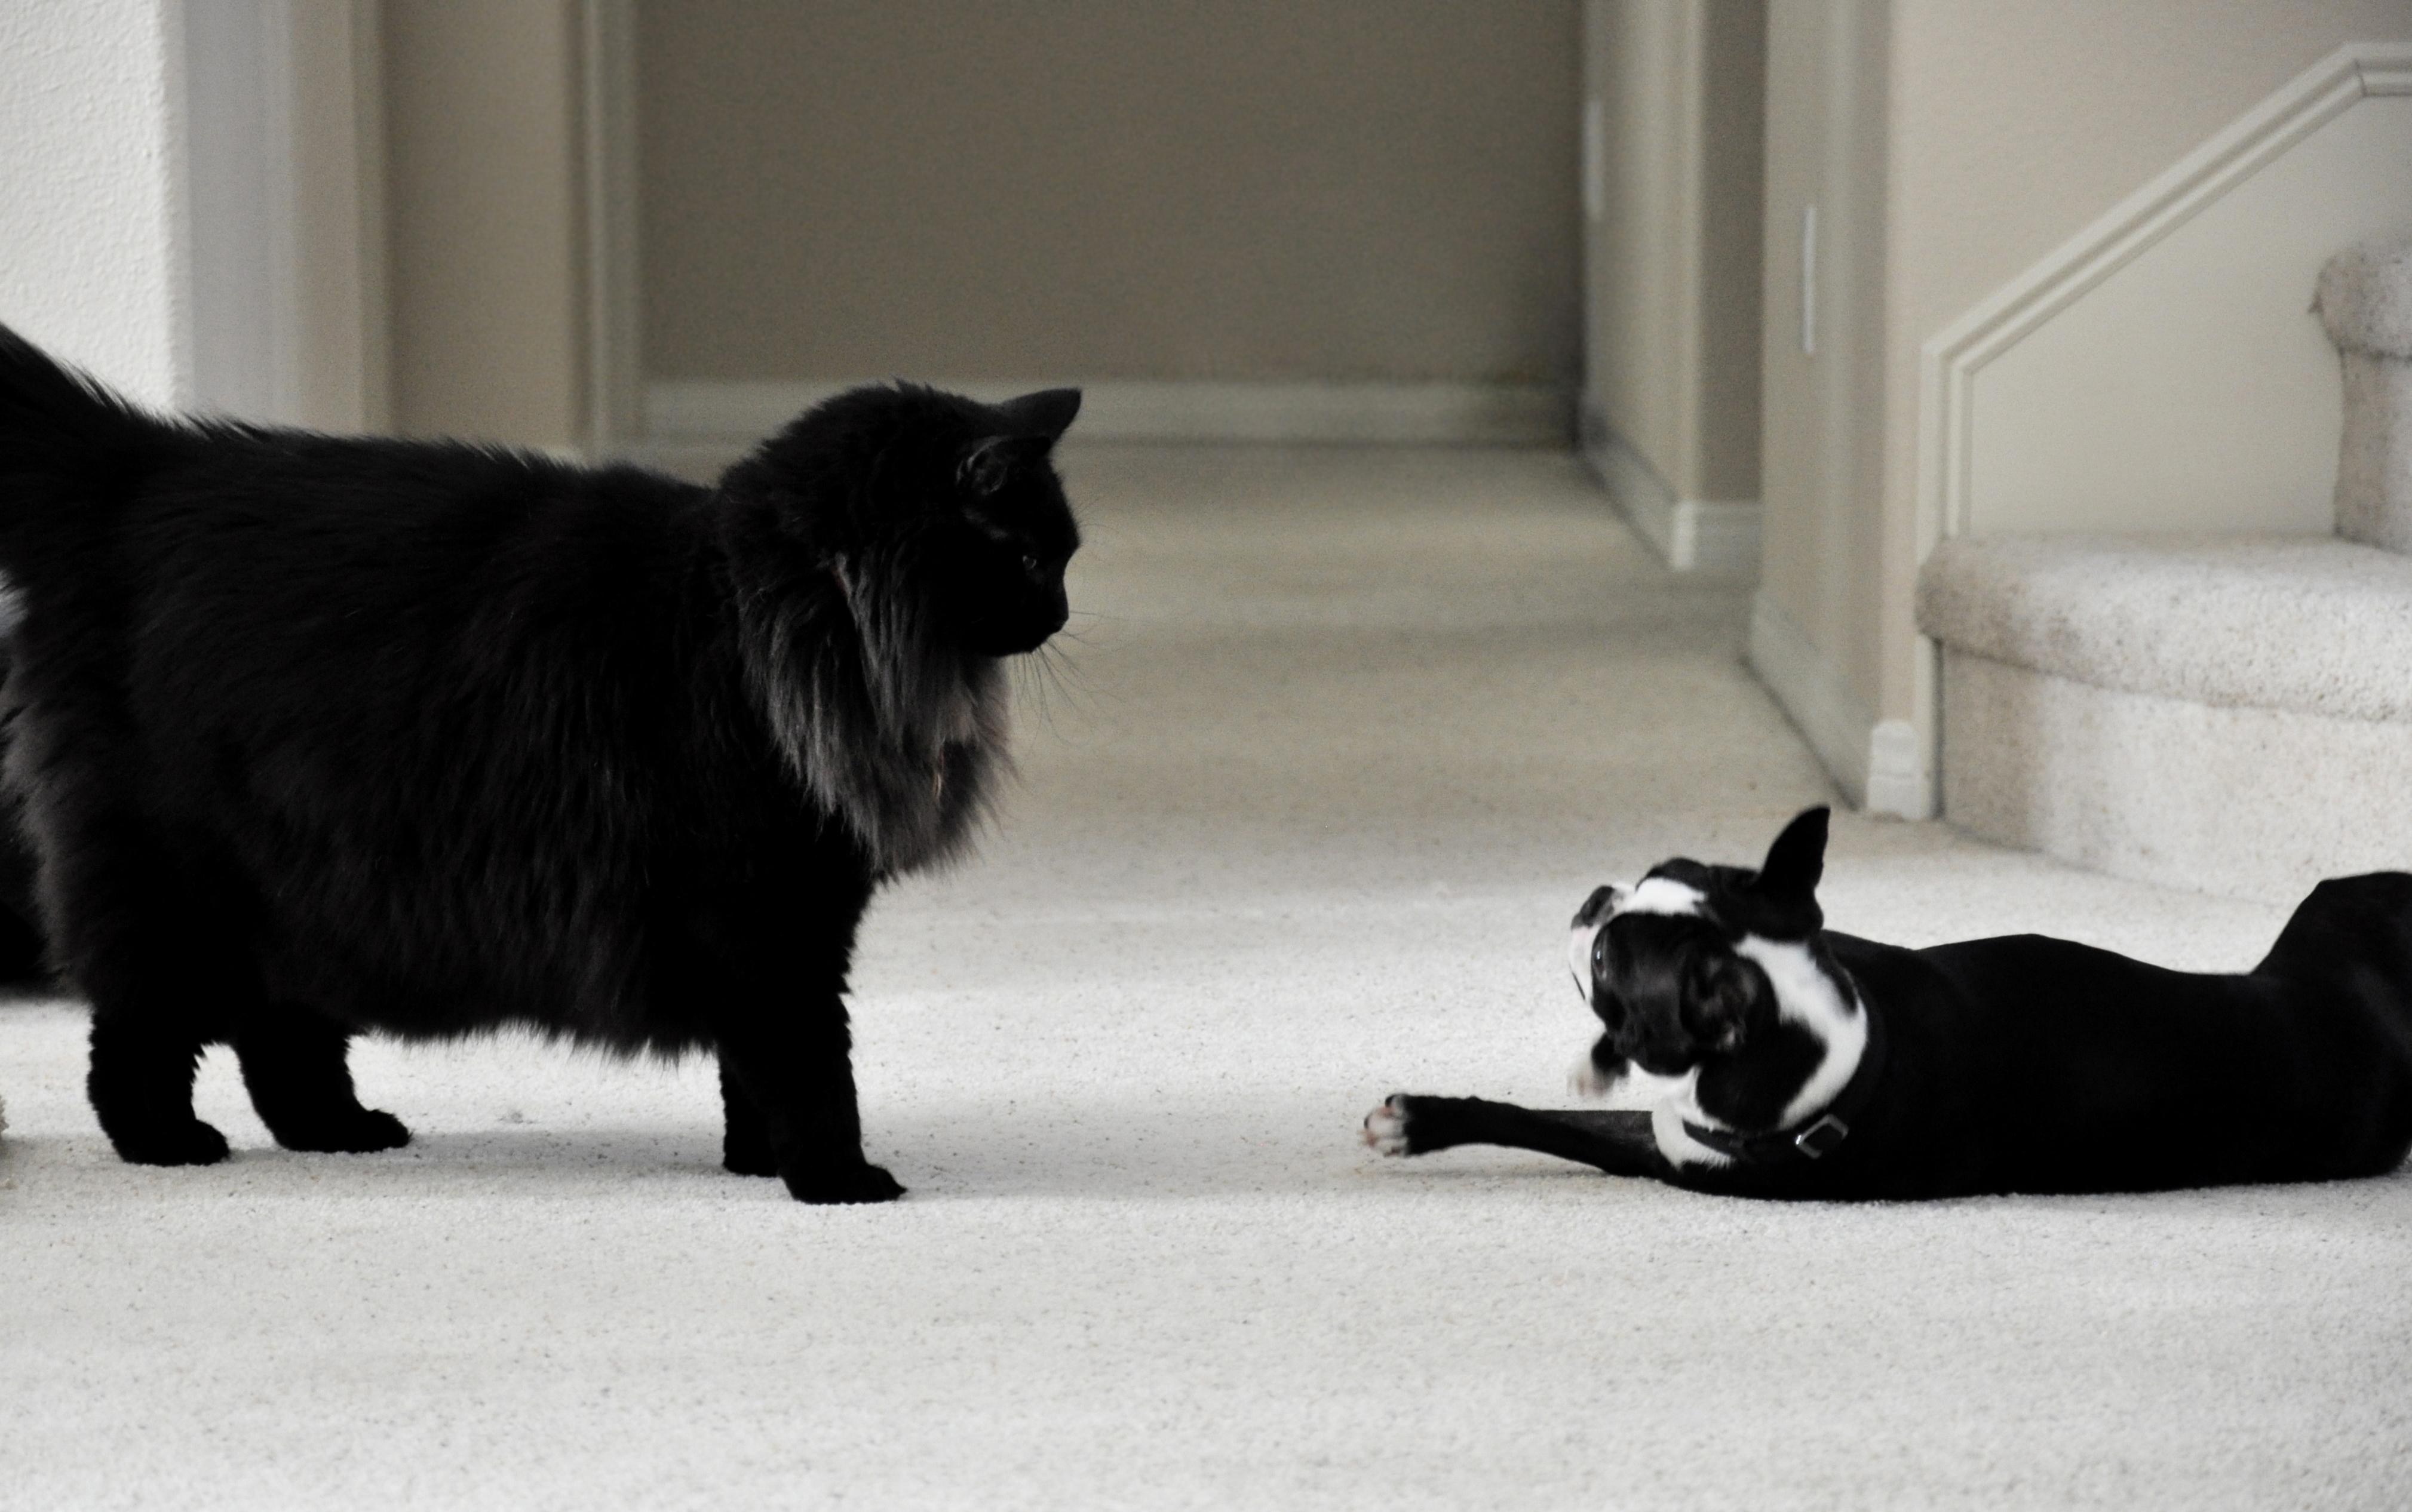 richmond spca cats